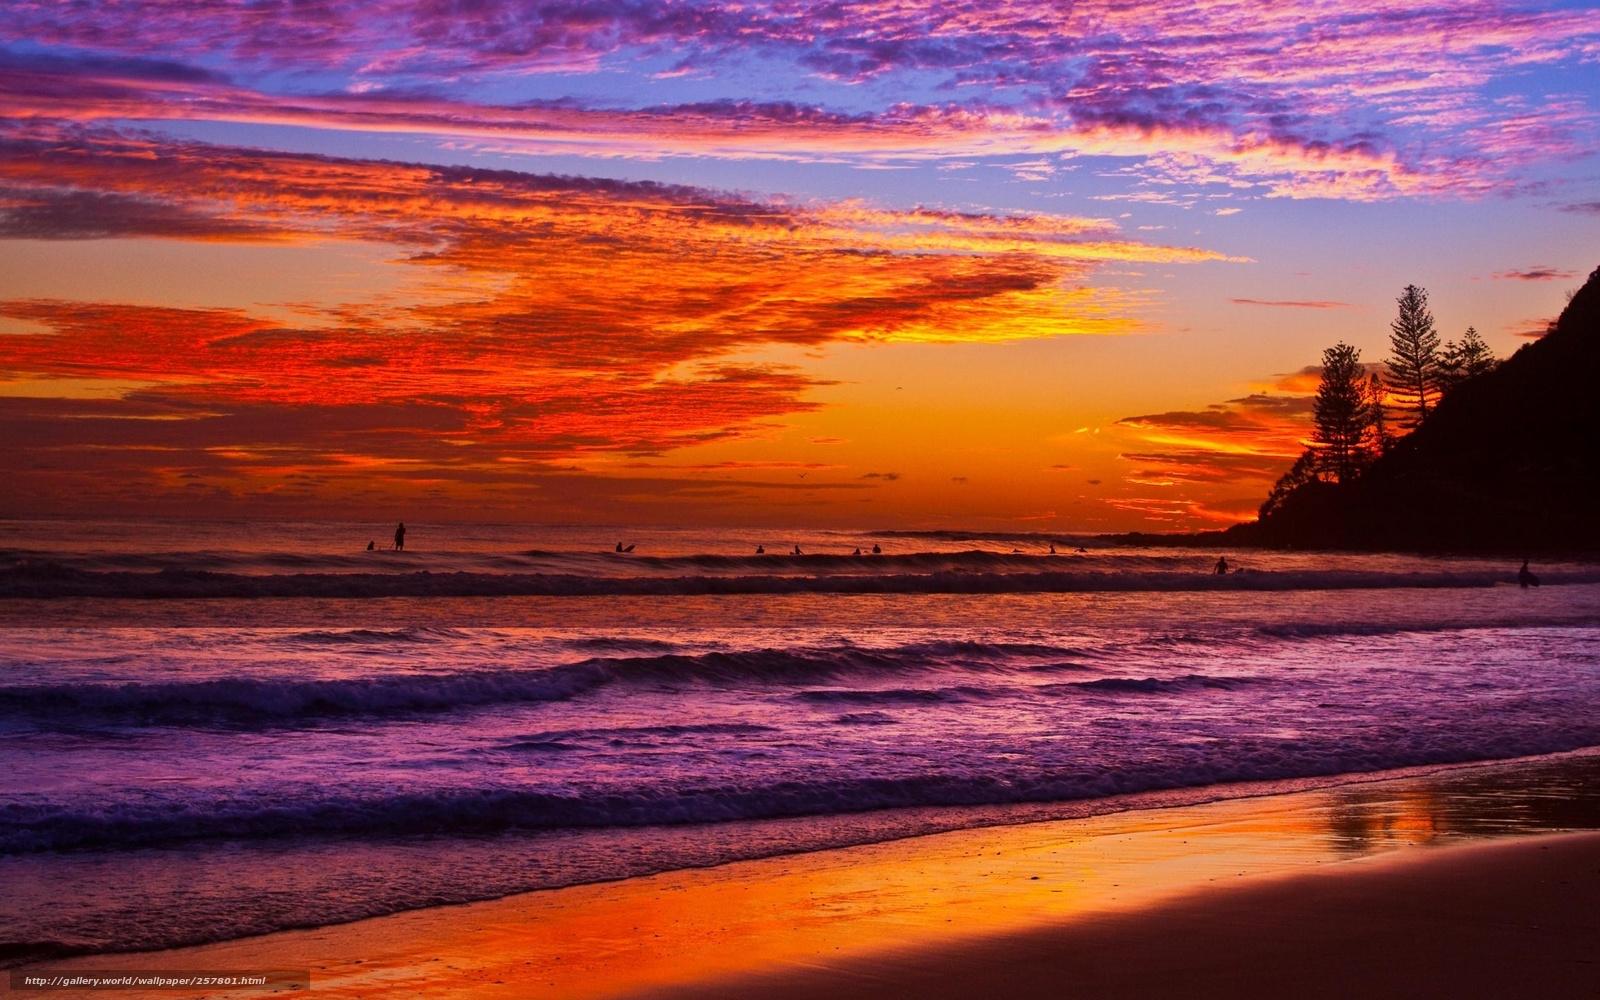 下载壁纸 日落, 海, 天空, hdr 免费为您的桌面分辨率的壁纸 2560x